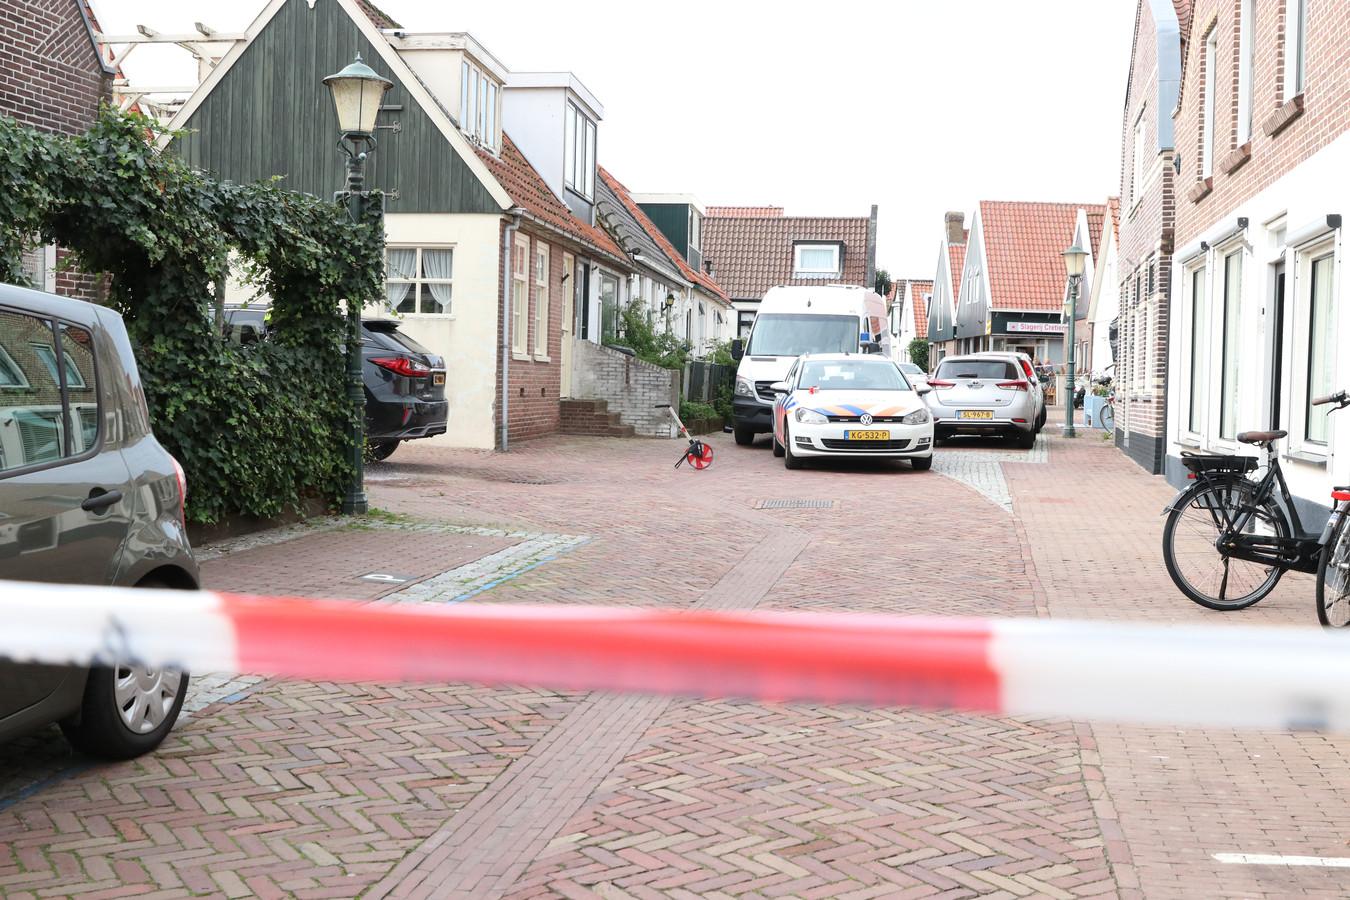 De plek waar het ongeval plaatsvond is vanmiddag afgezet.